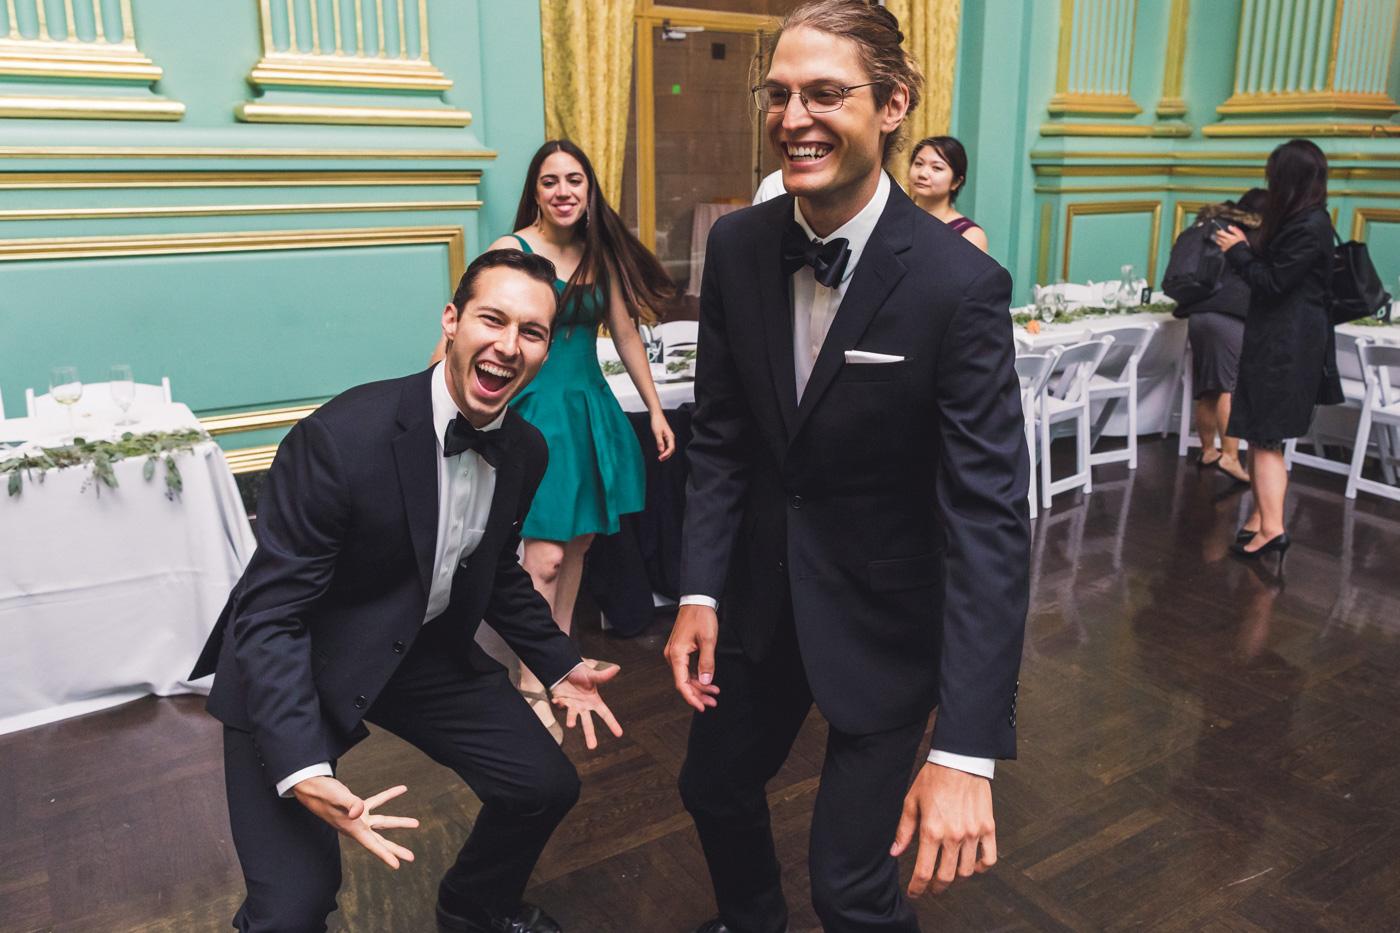 groomsmen-dancing-green-room-wedding-reception